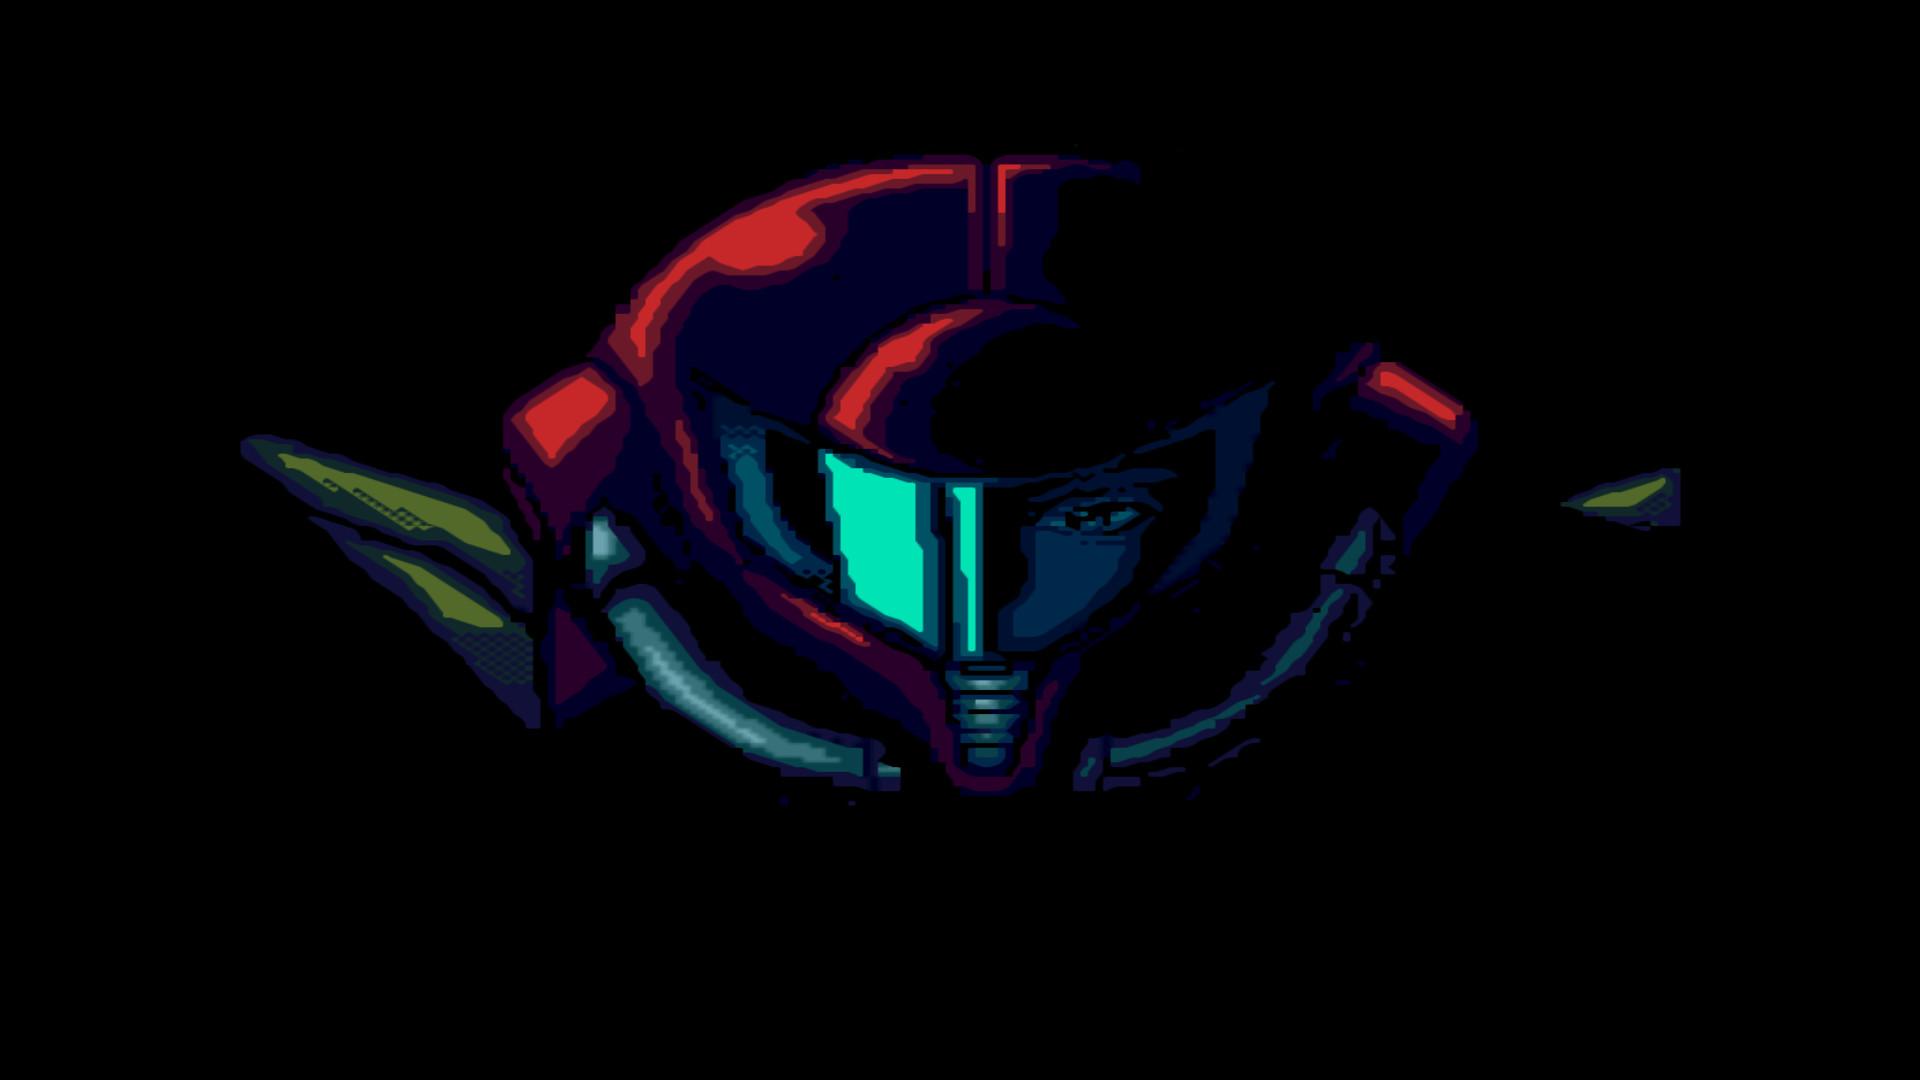 supermetroid_edit.png (1920×1080)   Super Metroid (Savage)   Pinterest    Metroid and Super metroid